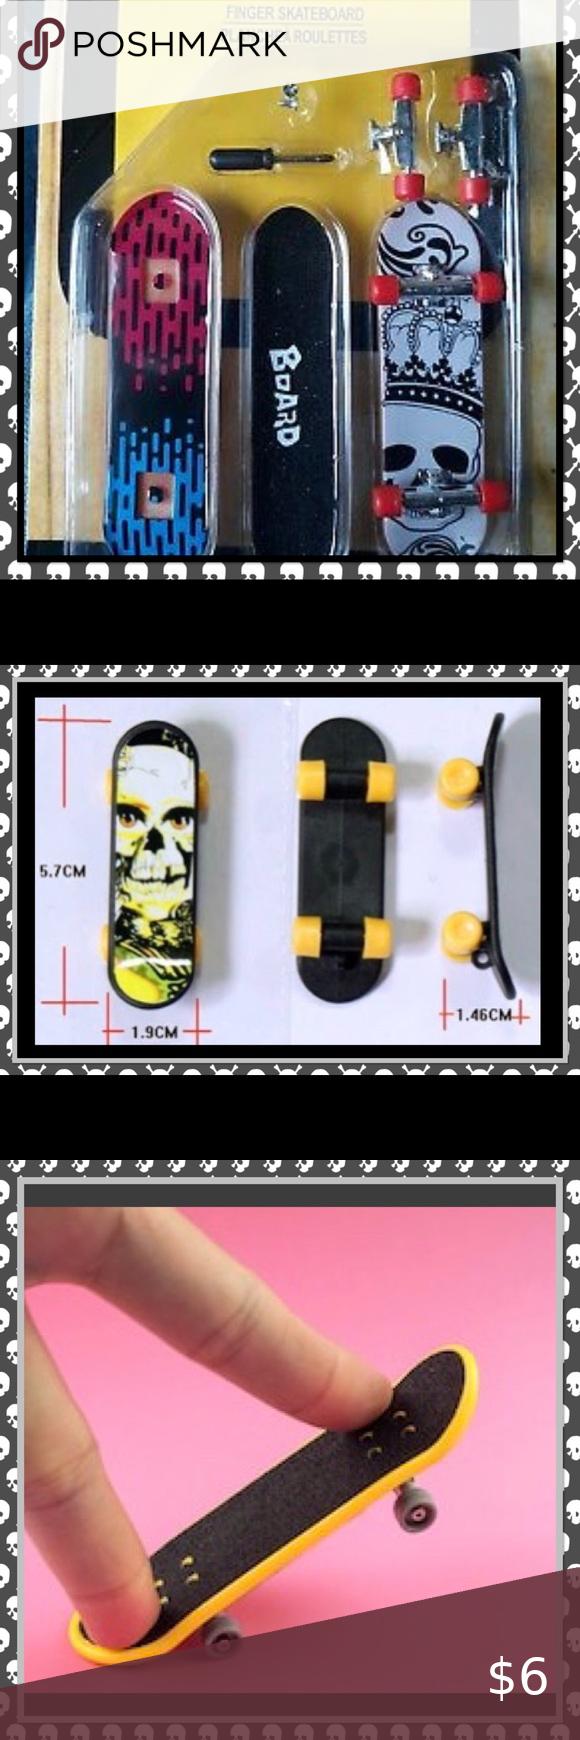 Tech Deck Finger Skateboard • New DIY Tech Deck Skateboard